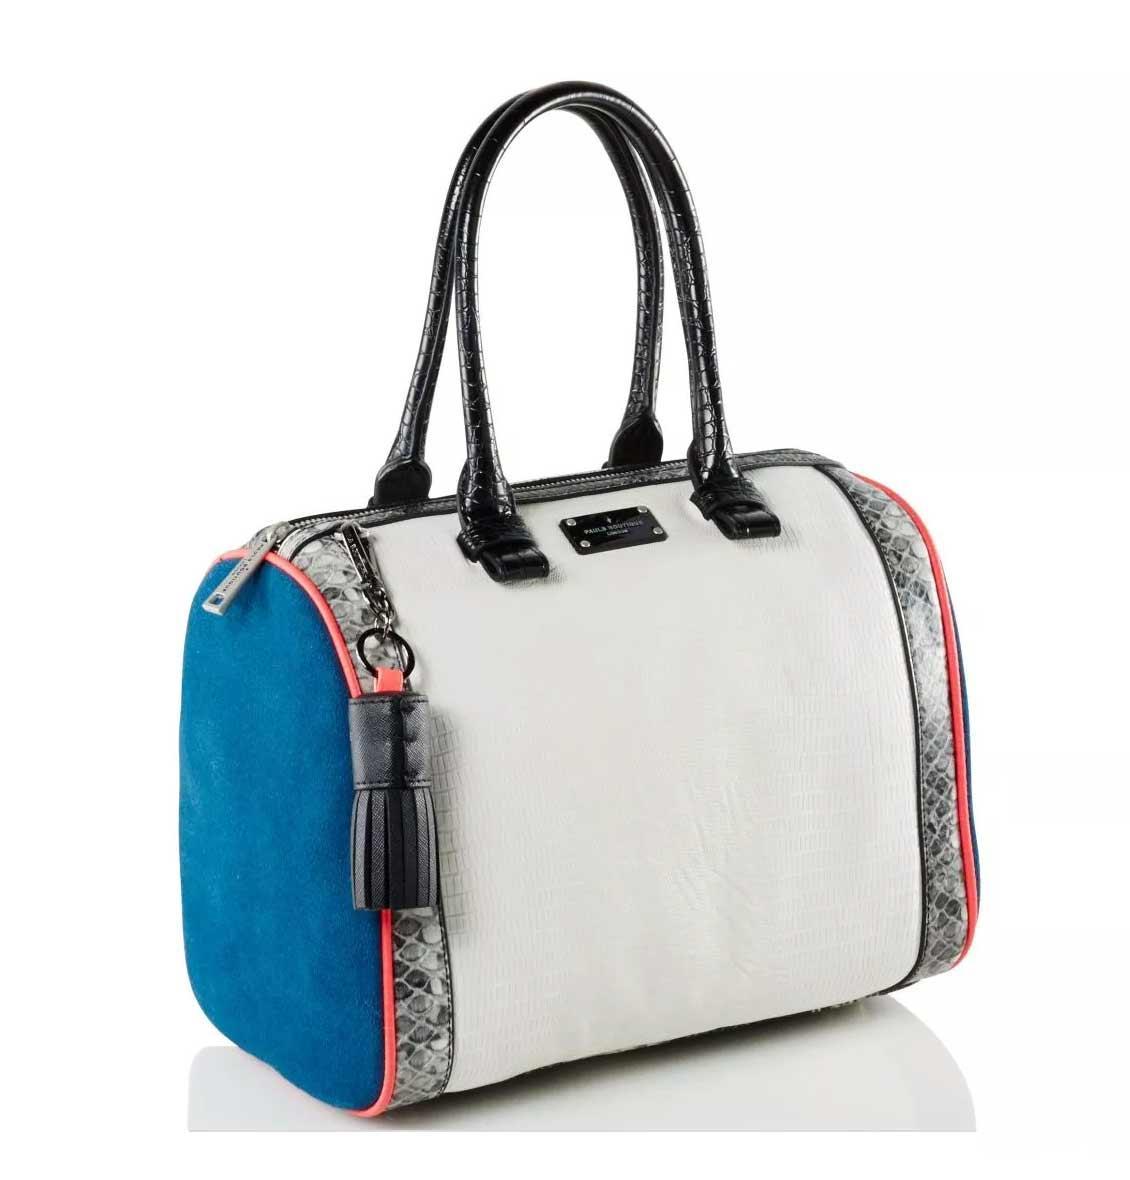 taschen marken az welche marken haben solche taschen marke tasche handtaschen und andere. Black Bedroom Furniture Sets. Home Design Ideas